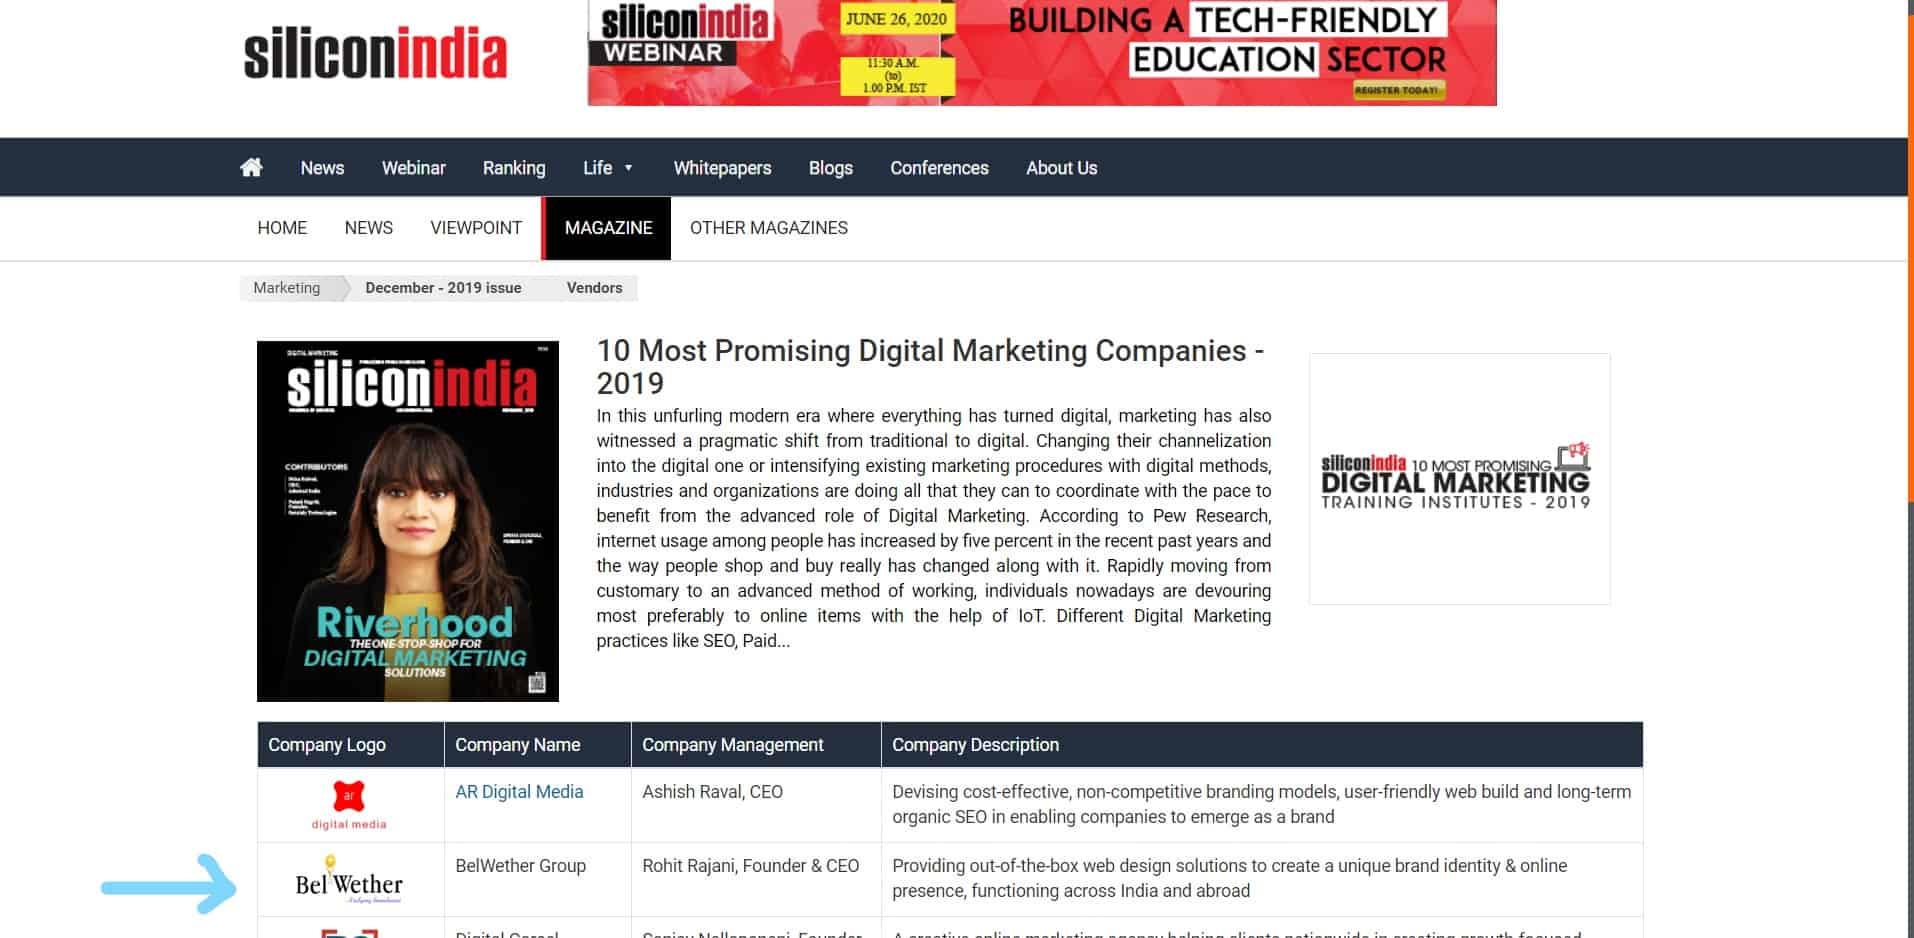 Silicon India award